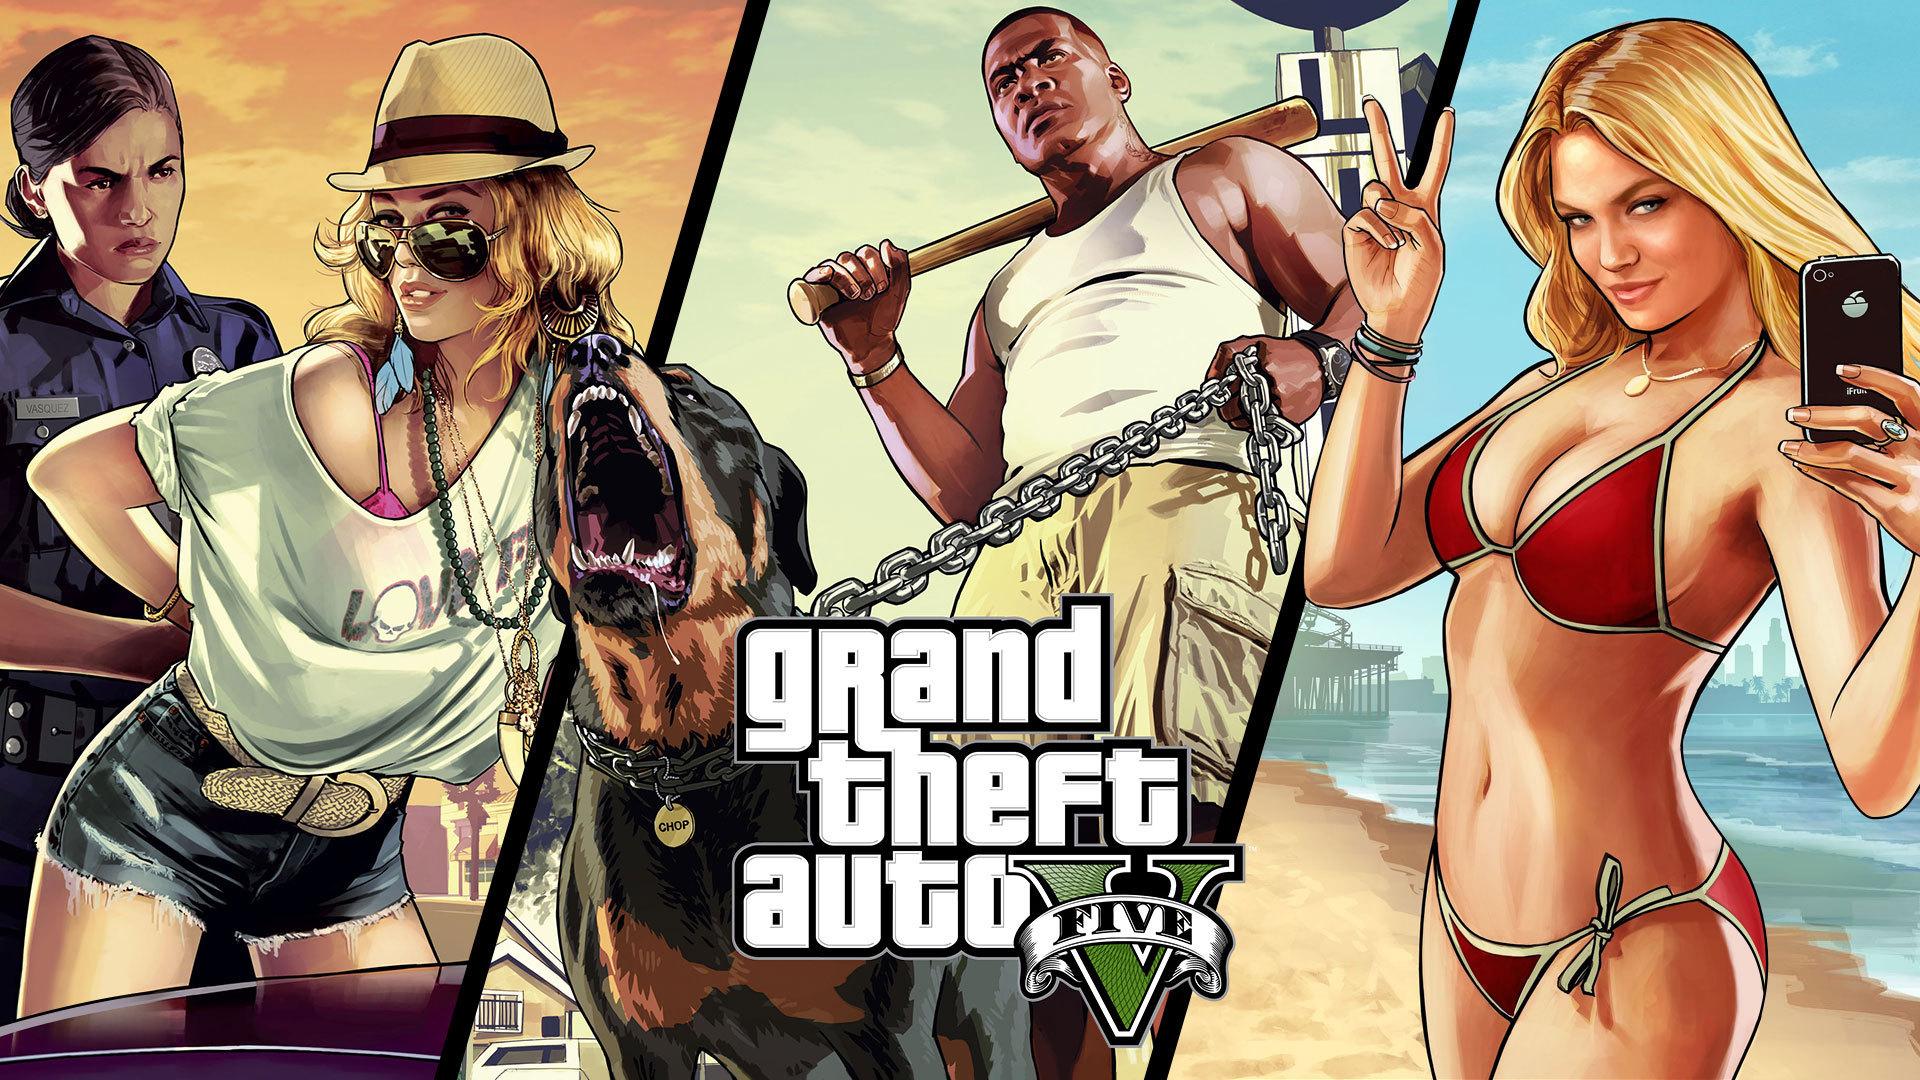 gta 5 - GTA 5: secondo Patcher su Ps4 e Xbox One sarebbe un fiasco